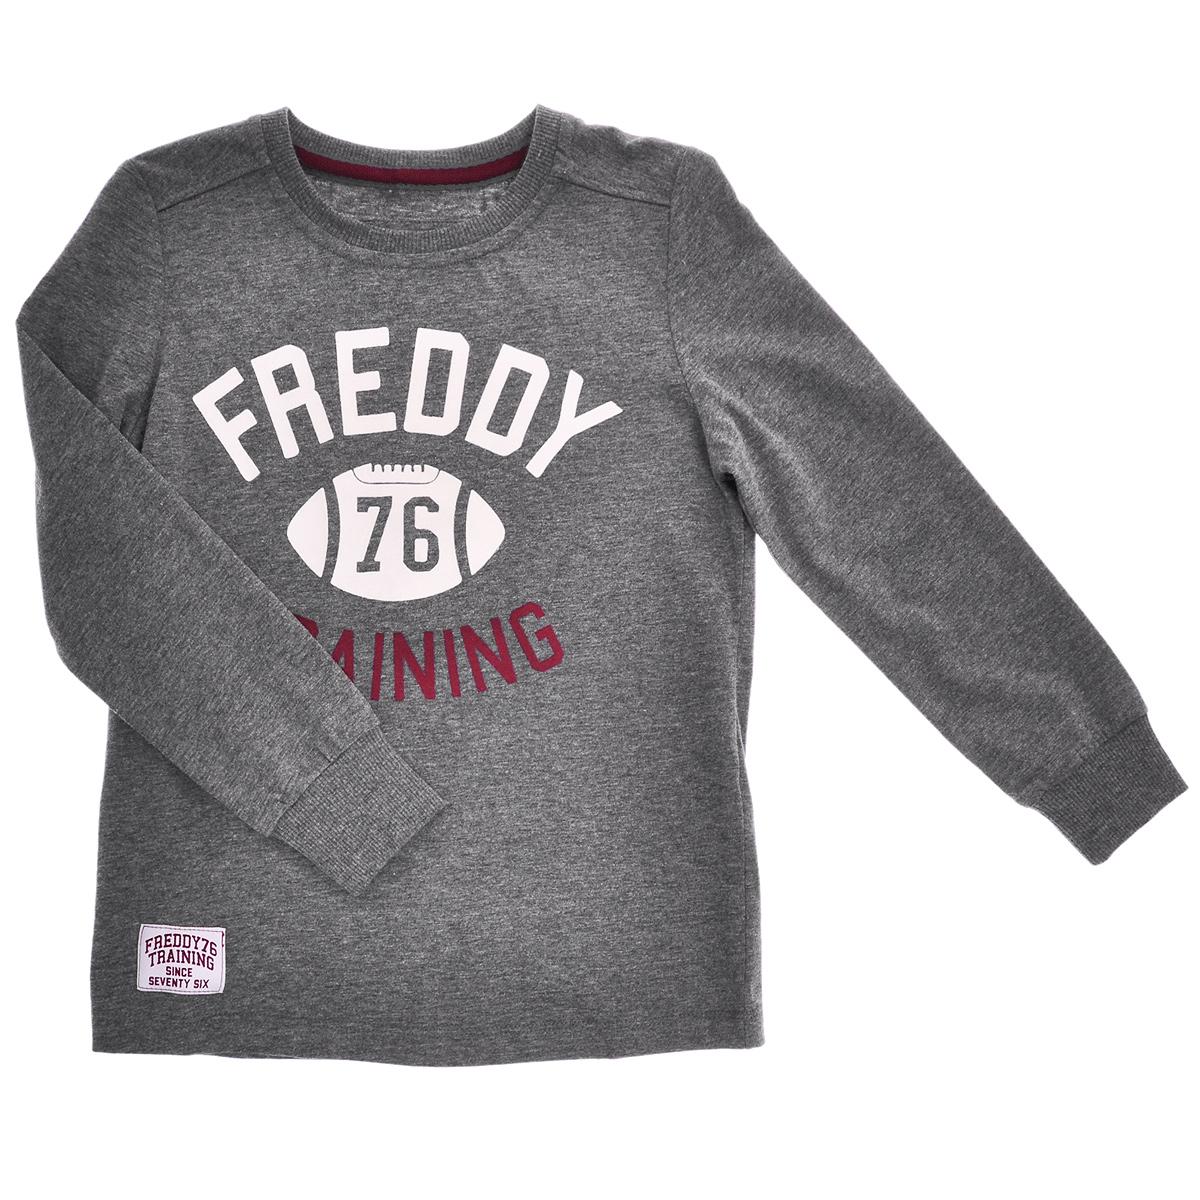 �������� ��� ��������. 39726JR - Freddy39726JR�������� �������� ��� �������� Freddy �������� �������� ������ ���������� �������� � ���������� ���. ������������� �� ������������������� ���������, �� ���������� ������ � �������� �� �����, �� ��������� �������� ������ � ��������� ���� ������, �� ���������� ���� ����� ������ � �������������� ���� �������, ����������� ��� ���������� �������. �������� � �������� �������� � ������� ������� ��������� ������� �������� ����������� ��������� �������� � ���� �������� ������. ������ ��������� �������� ������������ ���������, �� ������������ ��������. ������������ ����������� ������ � ������ ��������� ������ ���� �������� ������ � �������� ��������� �������� ���������. � ��� ��� ����� ����� ����������� ���� ����� � ���������, � ������ ����� � ������ ��������!